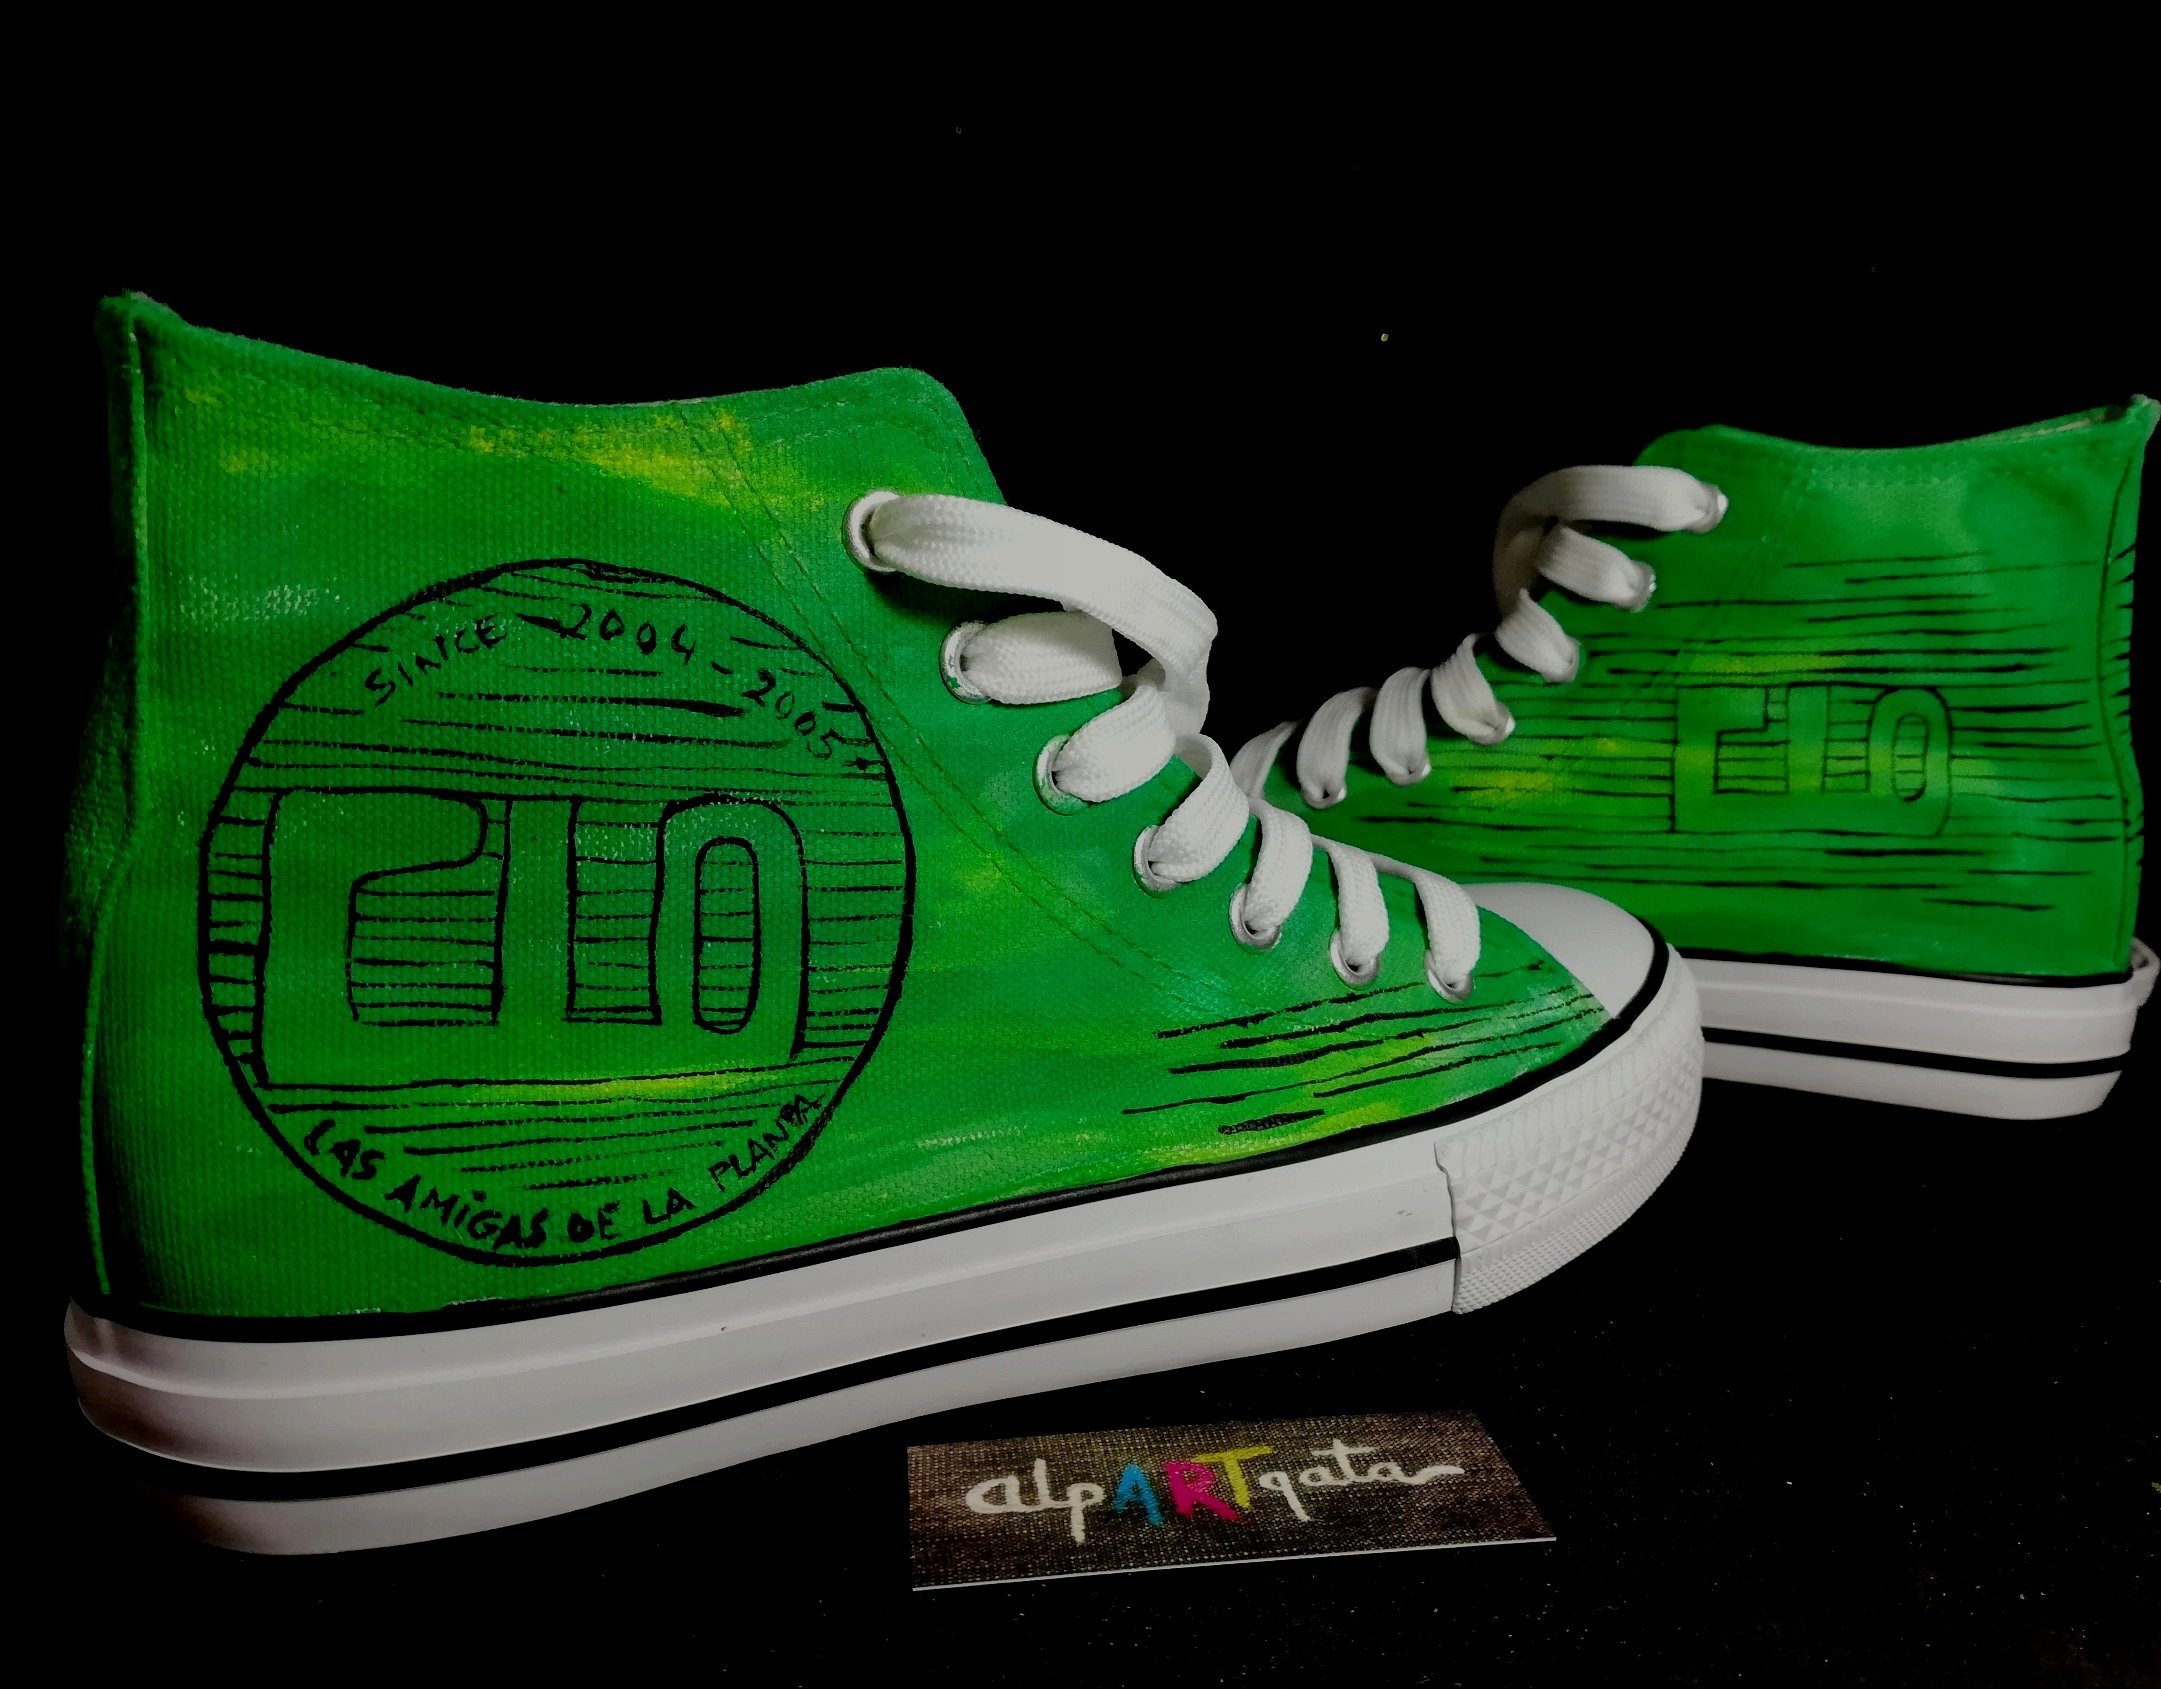 wpid-zapatillas-pintadas-alpartgata-personalizadas-clo-38534003124169182957..jpg